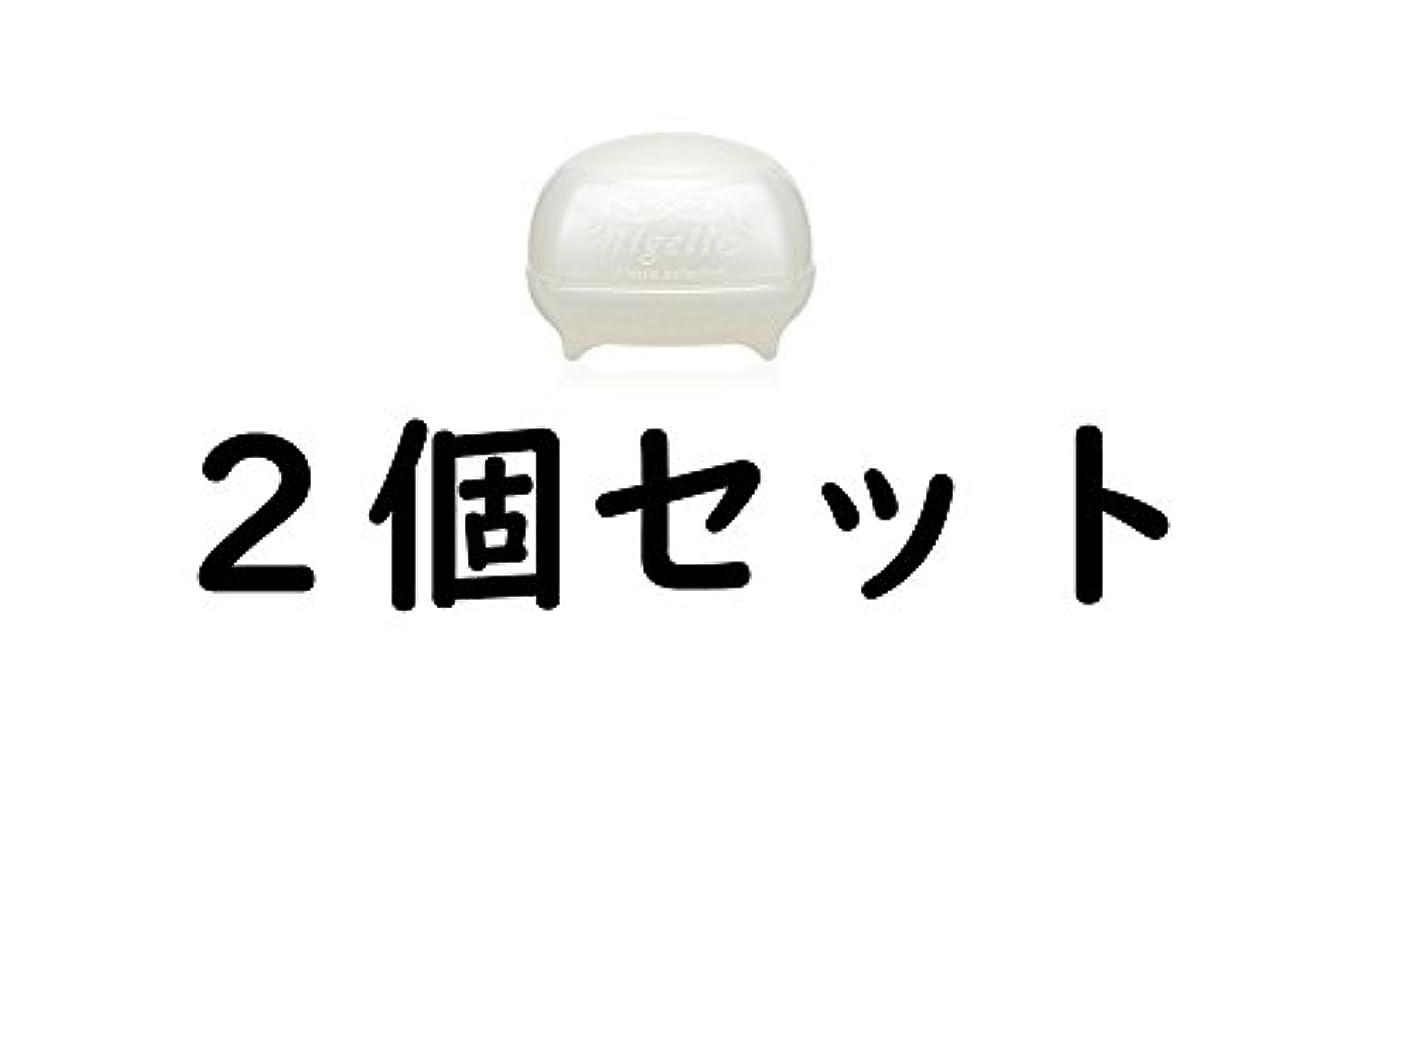 民主党バクテリア十分【X2個セット】 ミルボン ニゼル トレイスワックス 80g (ニゼルドレシアコレクション) TRACE WAX MILBON